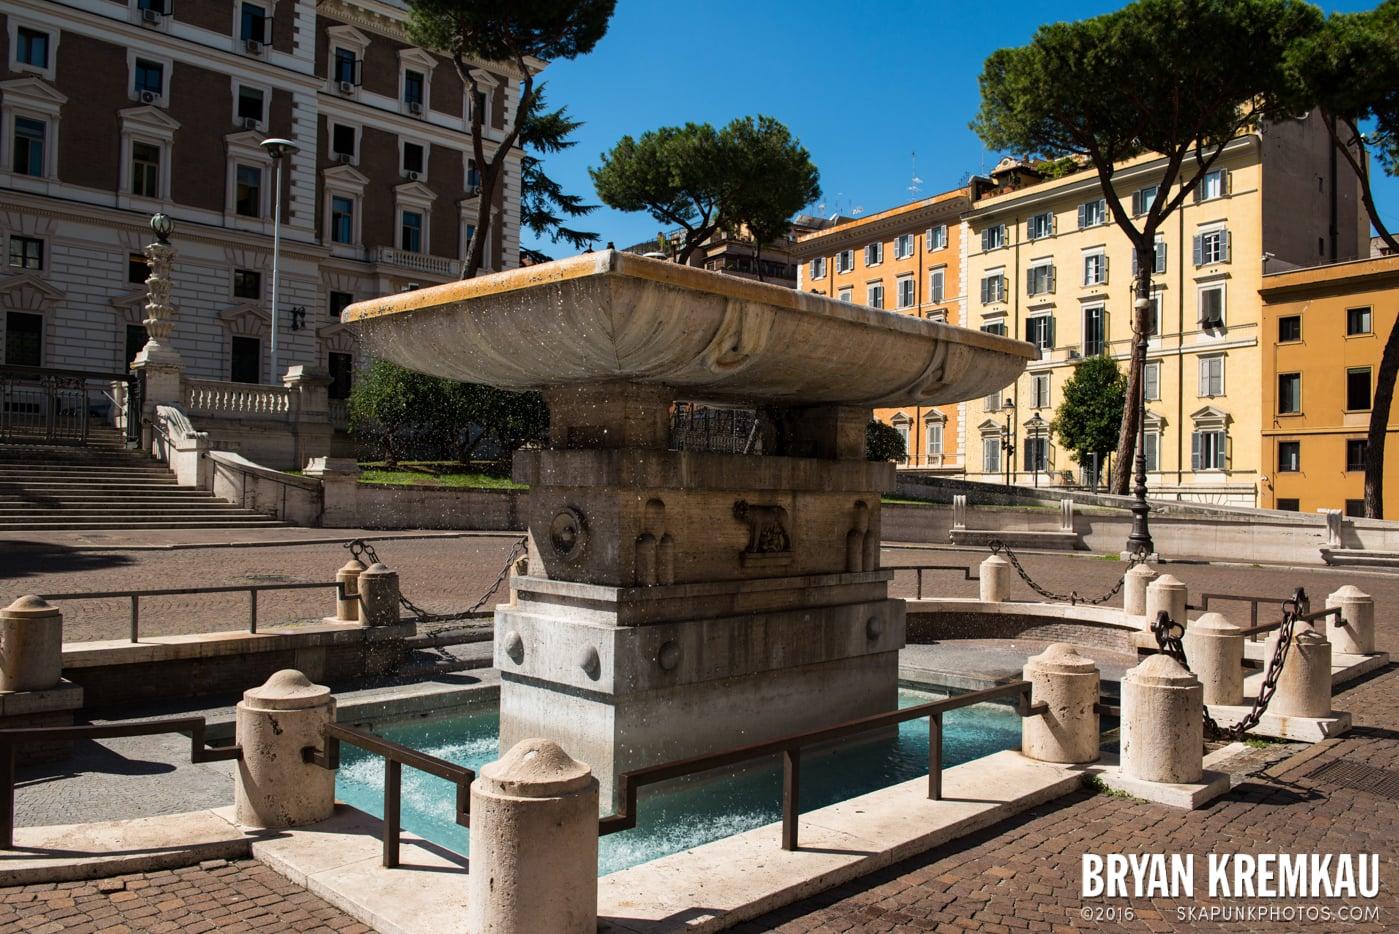 Italy Vacation - Day 12: Rome - 9.20.13 (30)